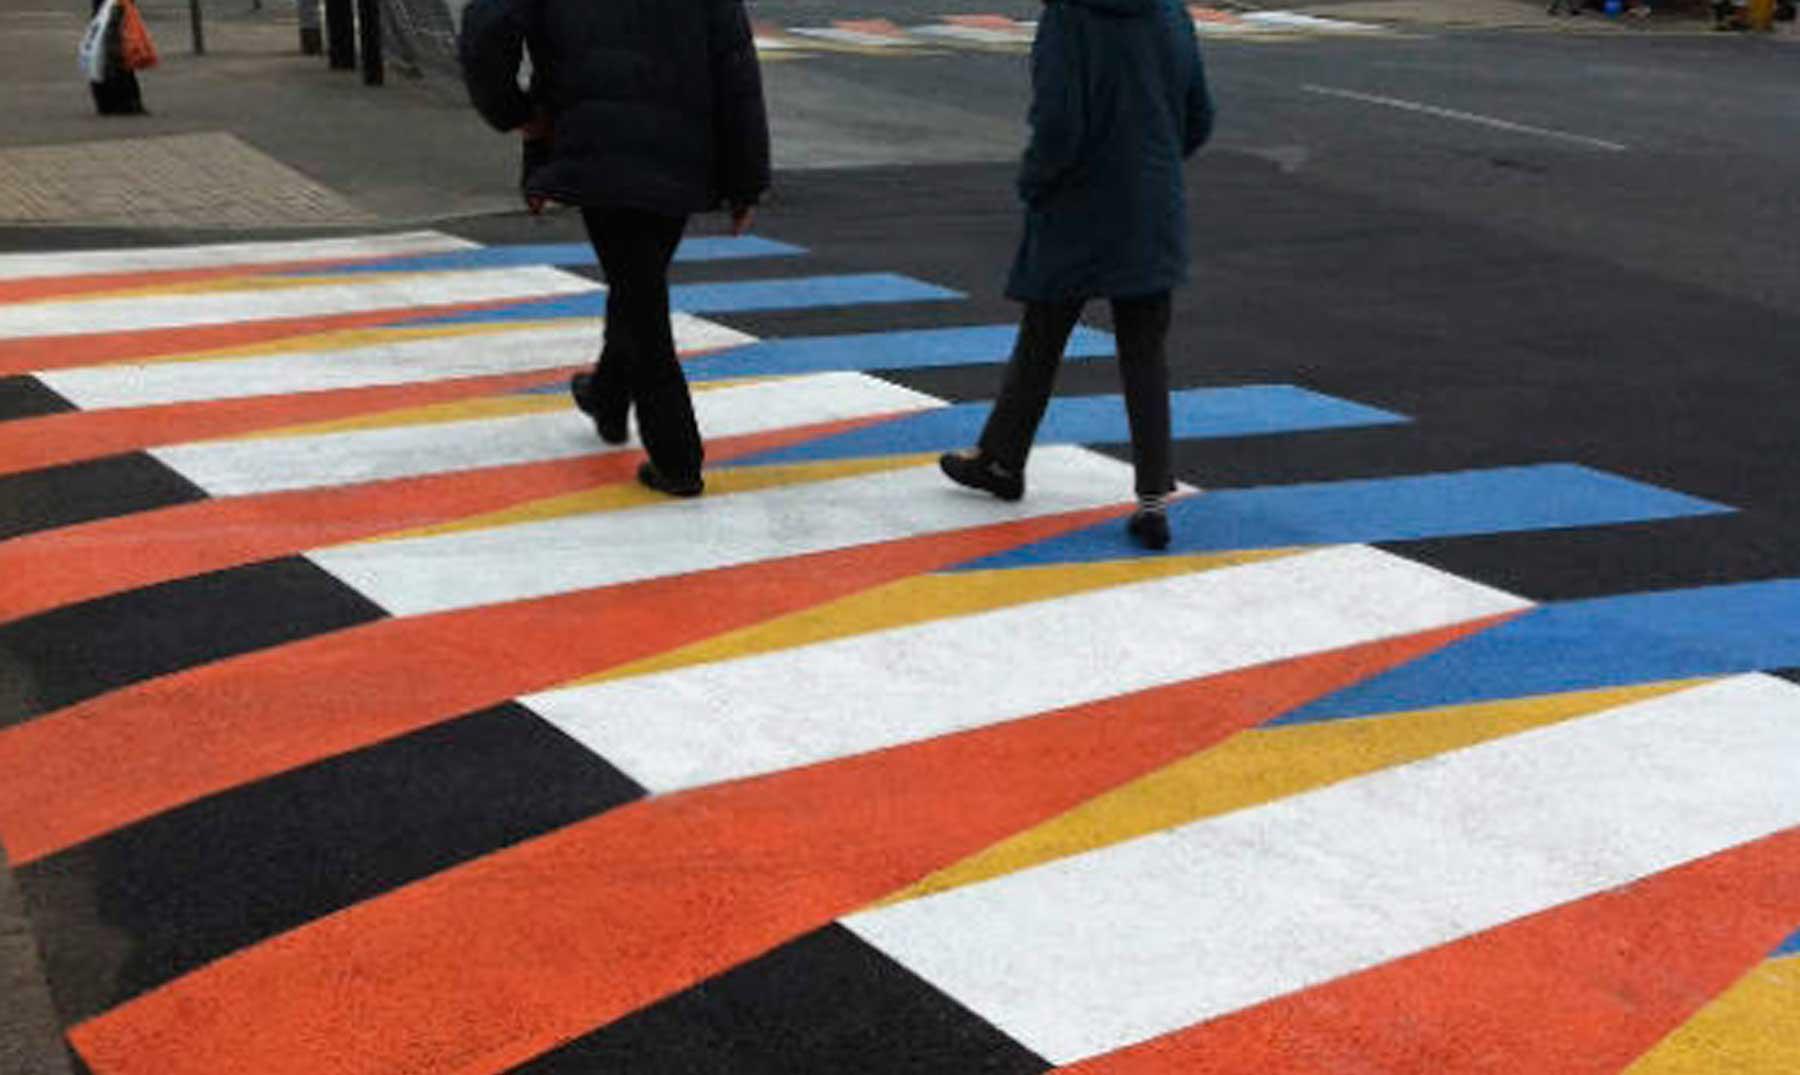 Pasos peatonales cinéticos. Carlos Cruz-Diez